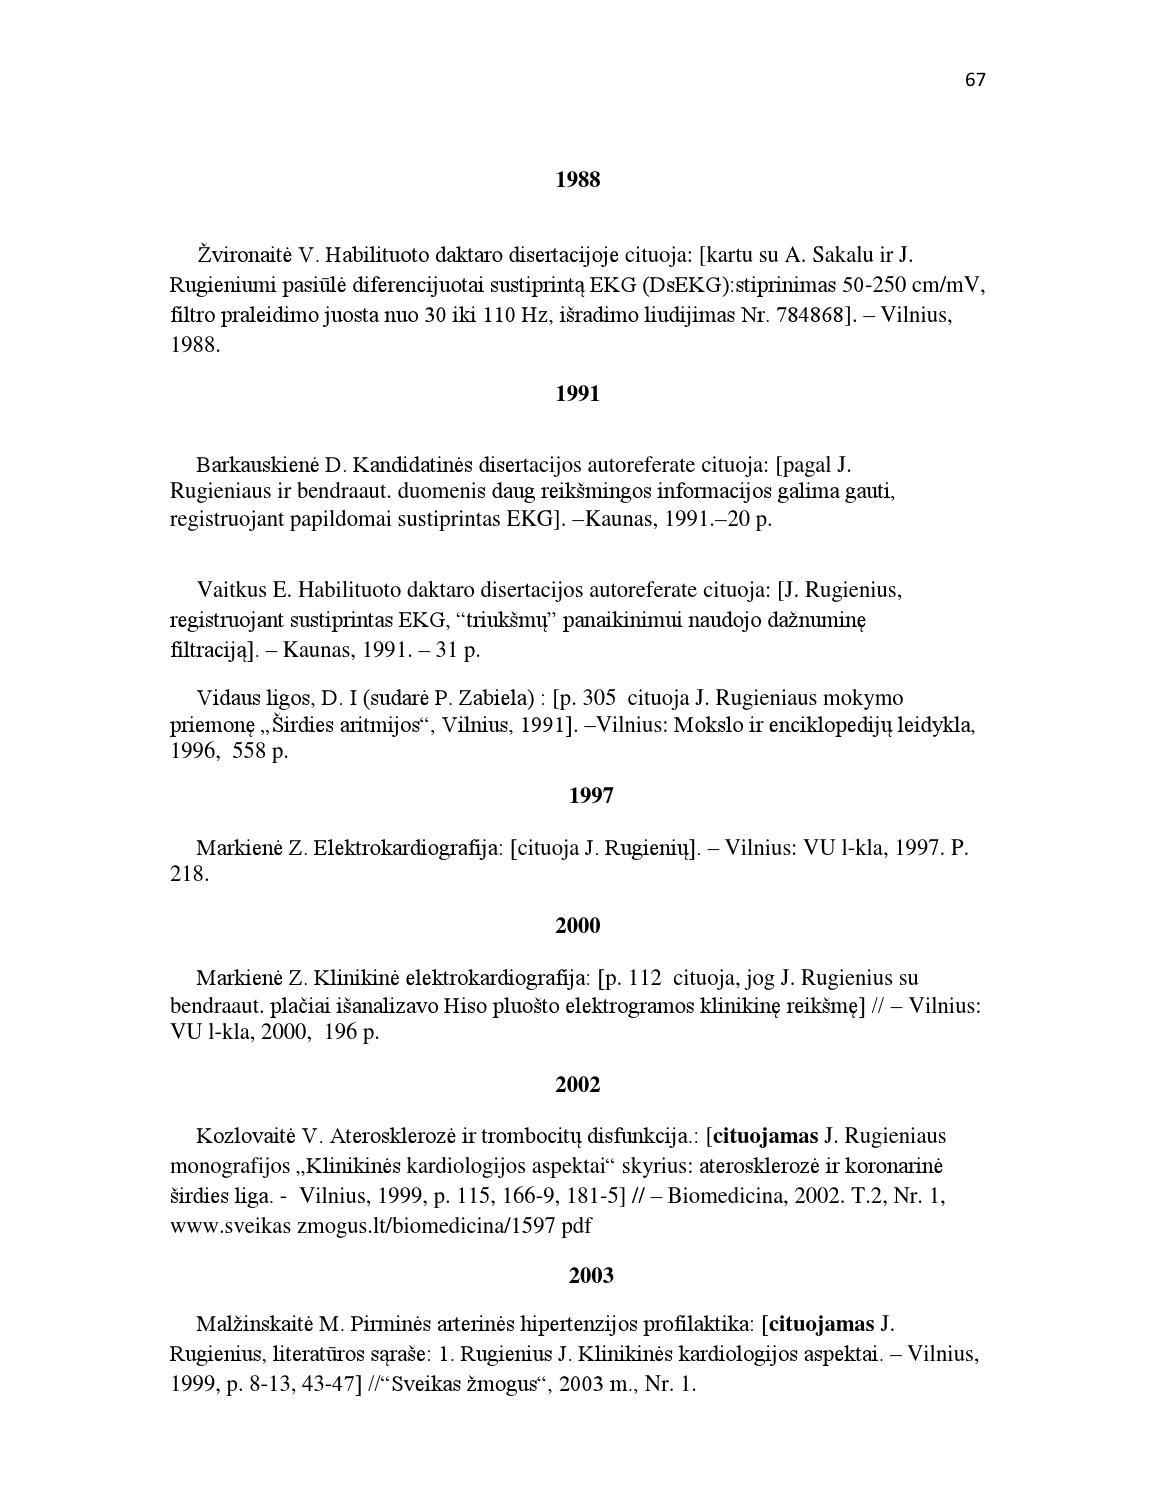 monografija apie hipertenziją natrio kalio širdies sveikata